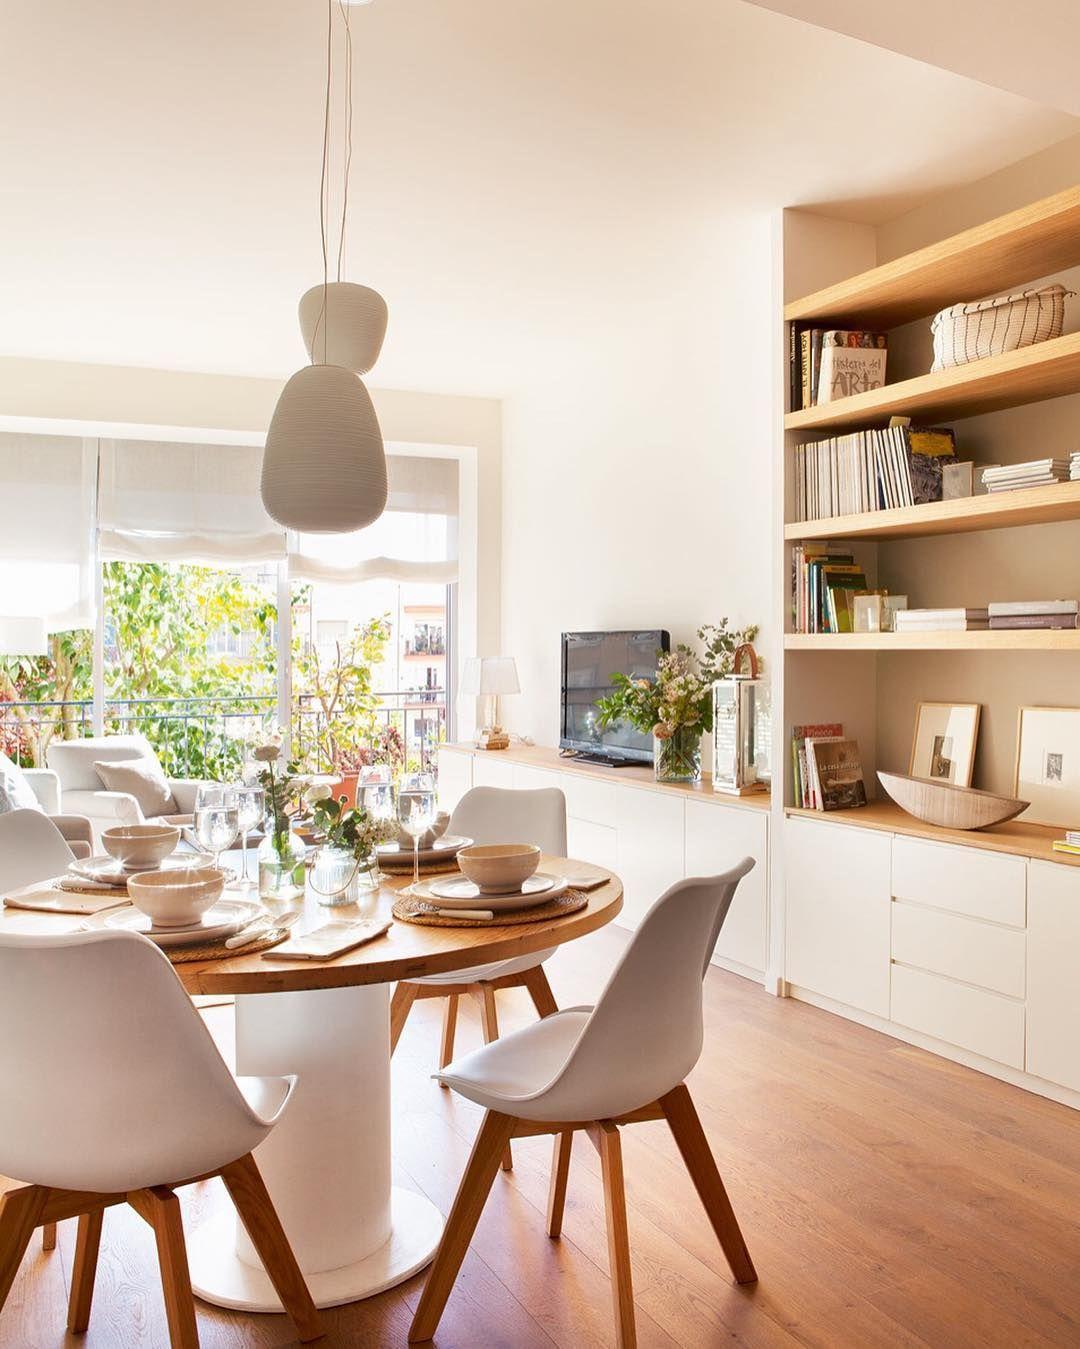 Pin de Josabel Salinas en salon | Muebles salon, Comedores y Muebles